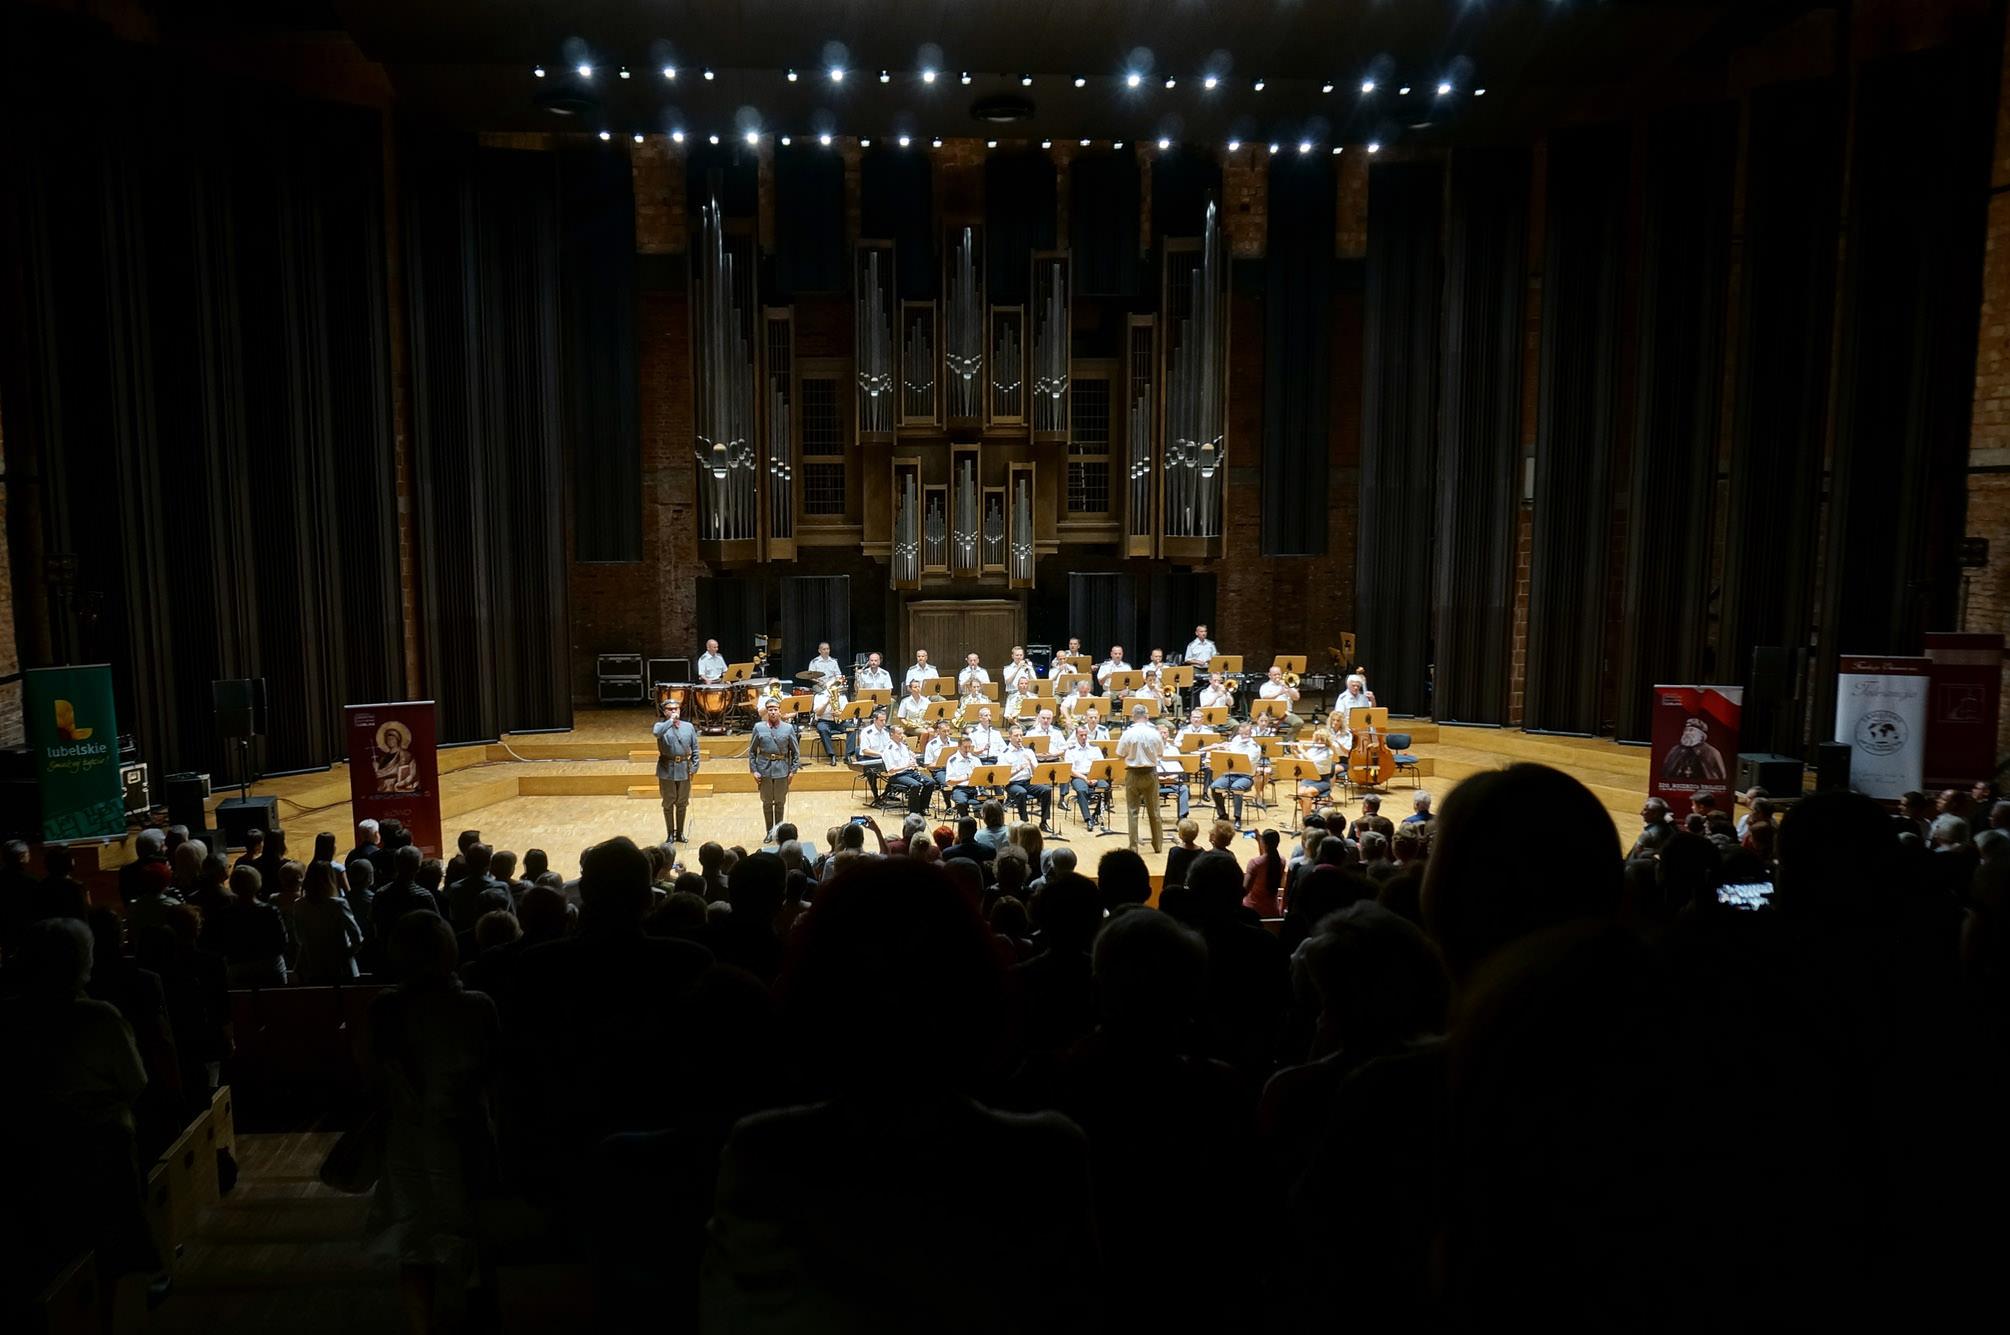 Reprezentacyjny Zespół Artystyczny Wojska Polskiego na koncercie galowym III edycji festiwalu